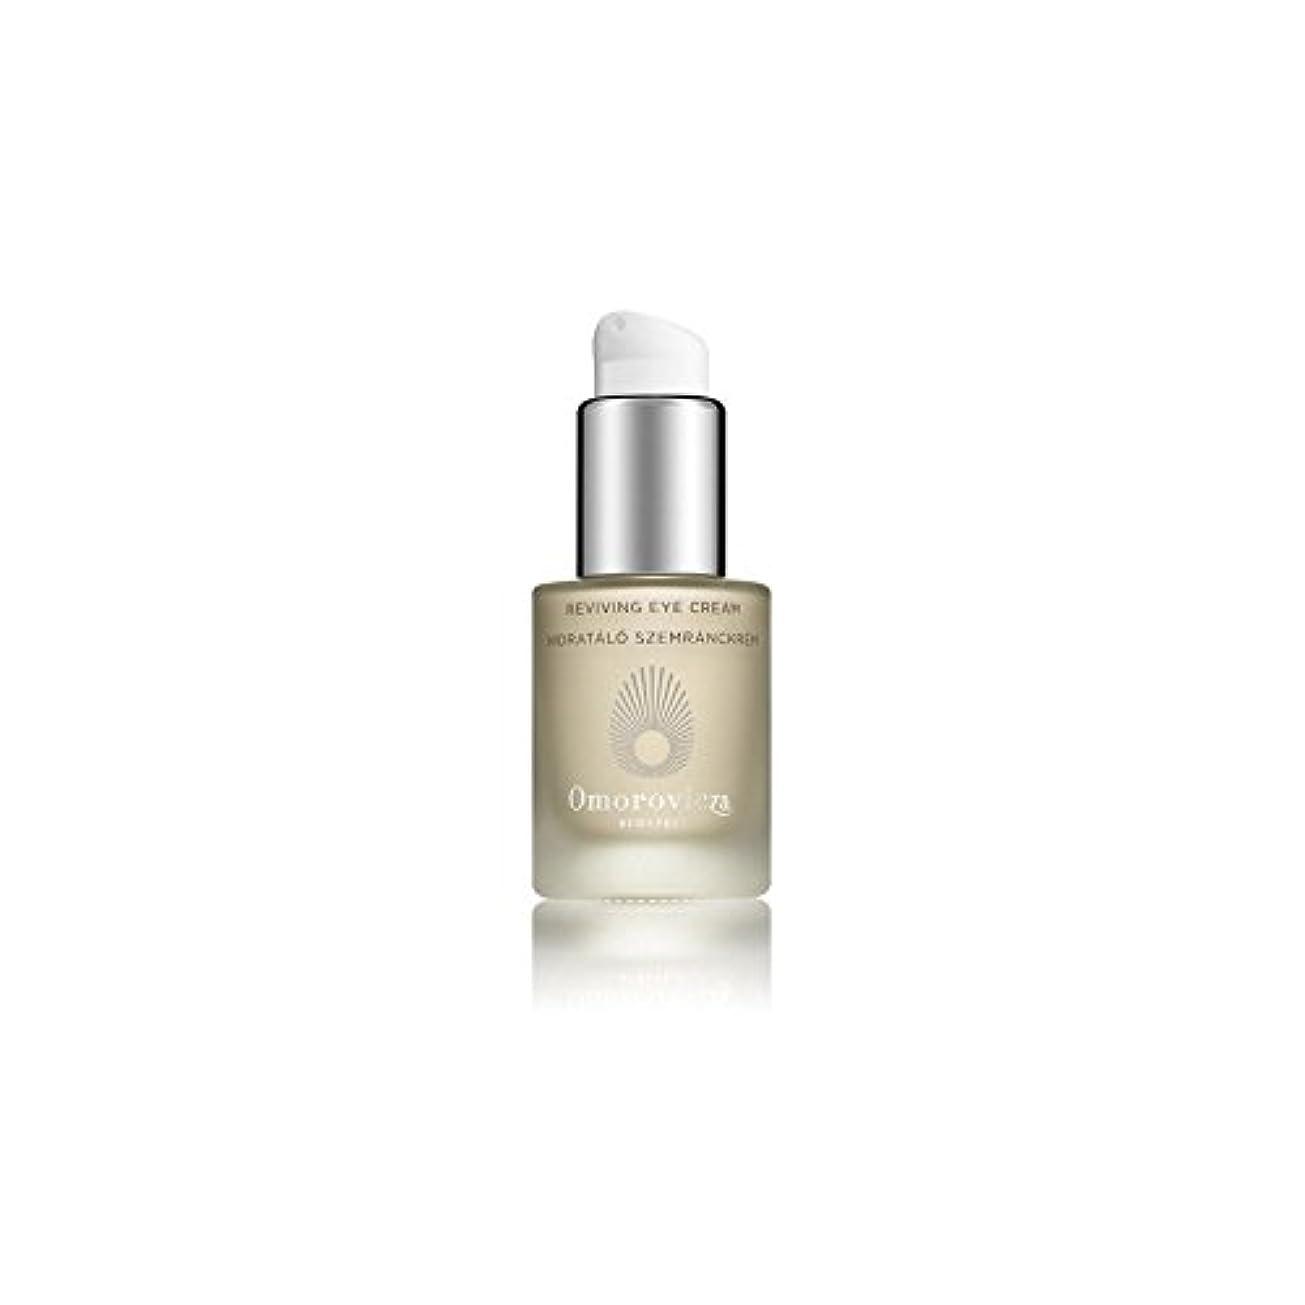 あいまいさ日の出議題Omorovicza Reviving Eye Cream (15ml) - 復活アイクリーム(15ミリリットル) [並行輸入品]